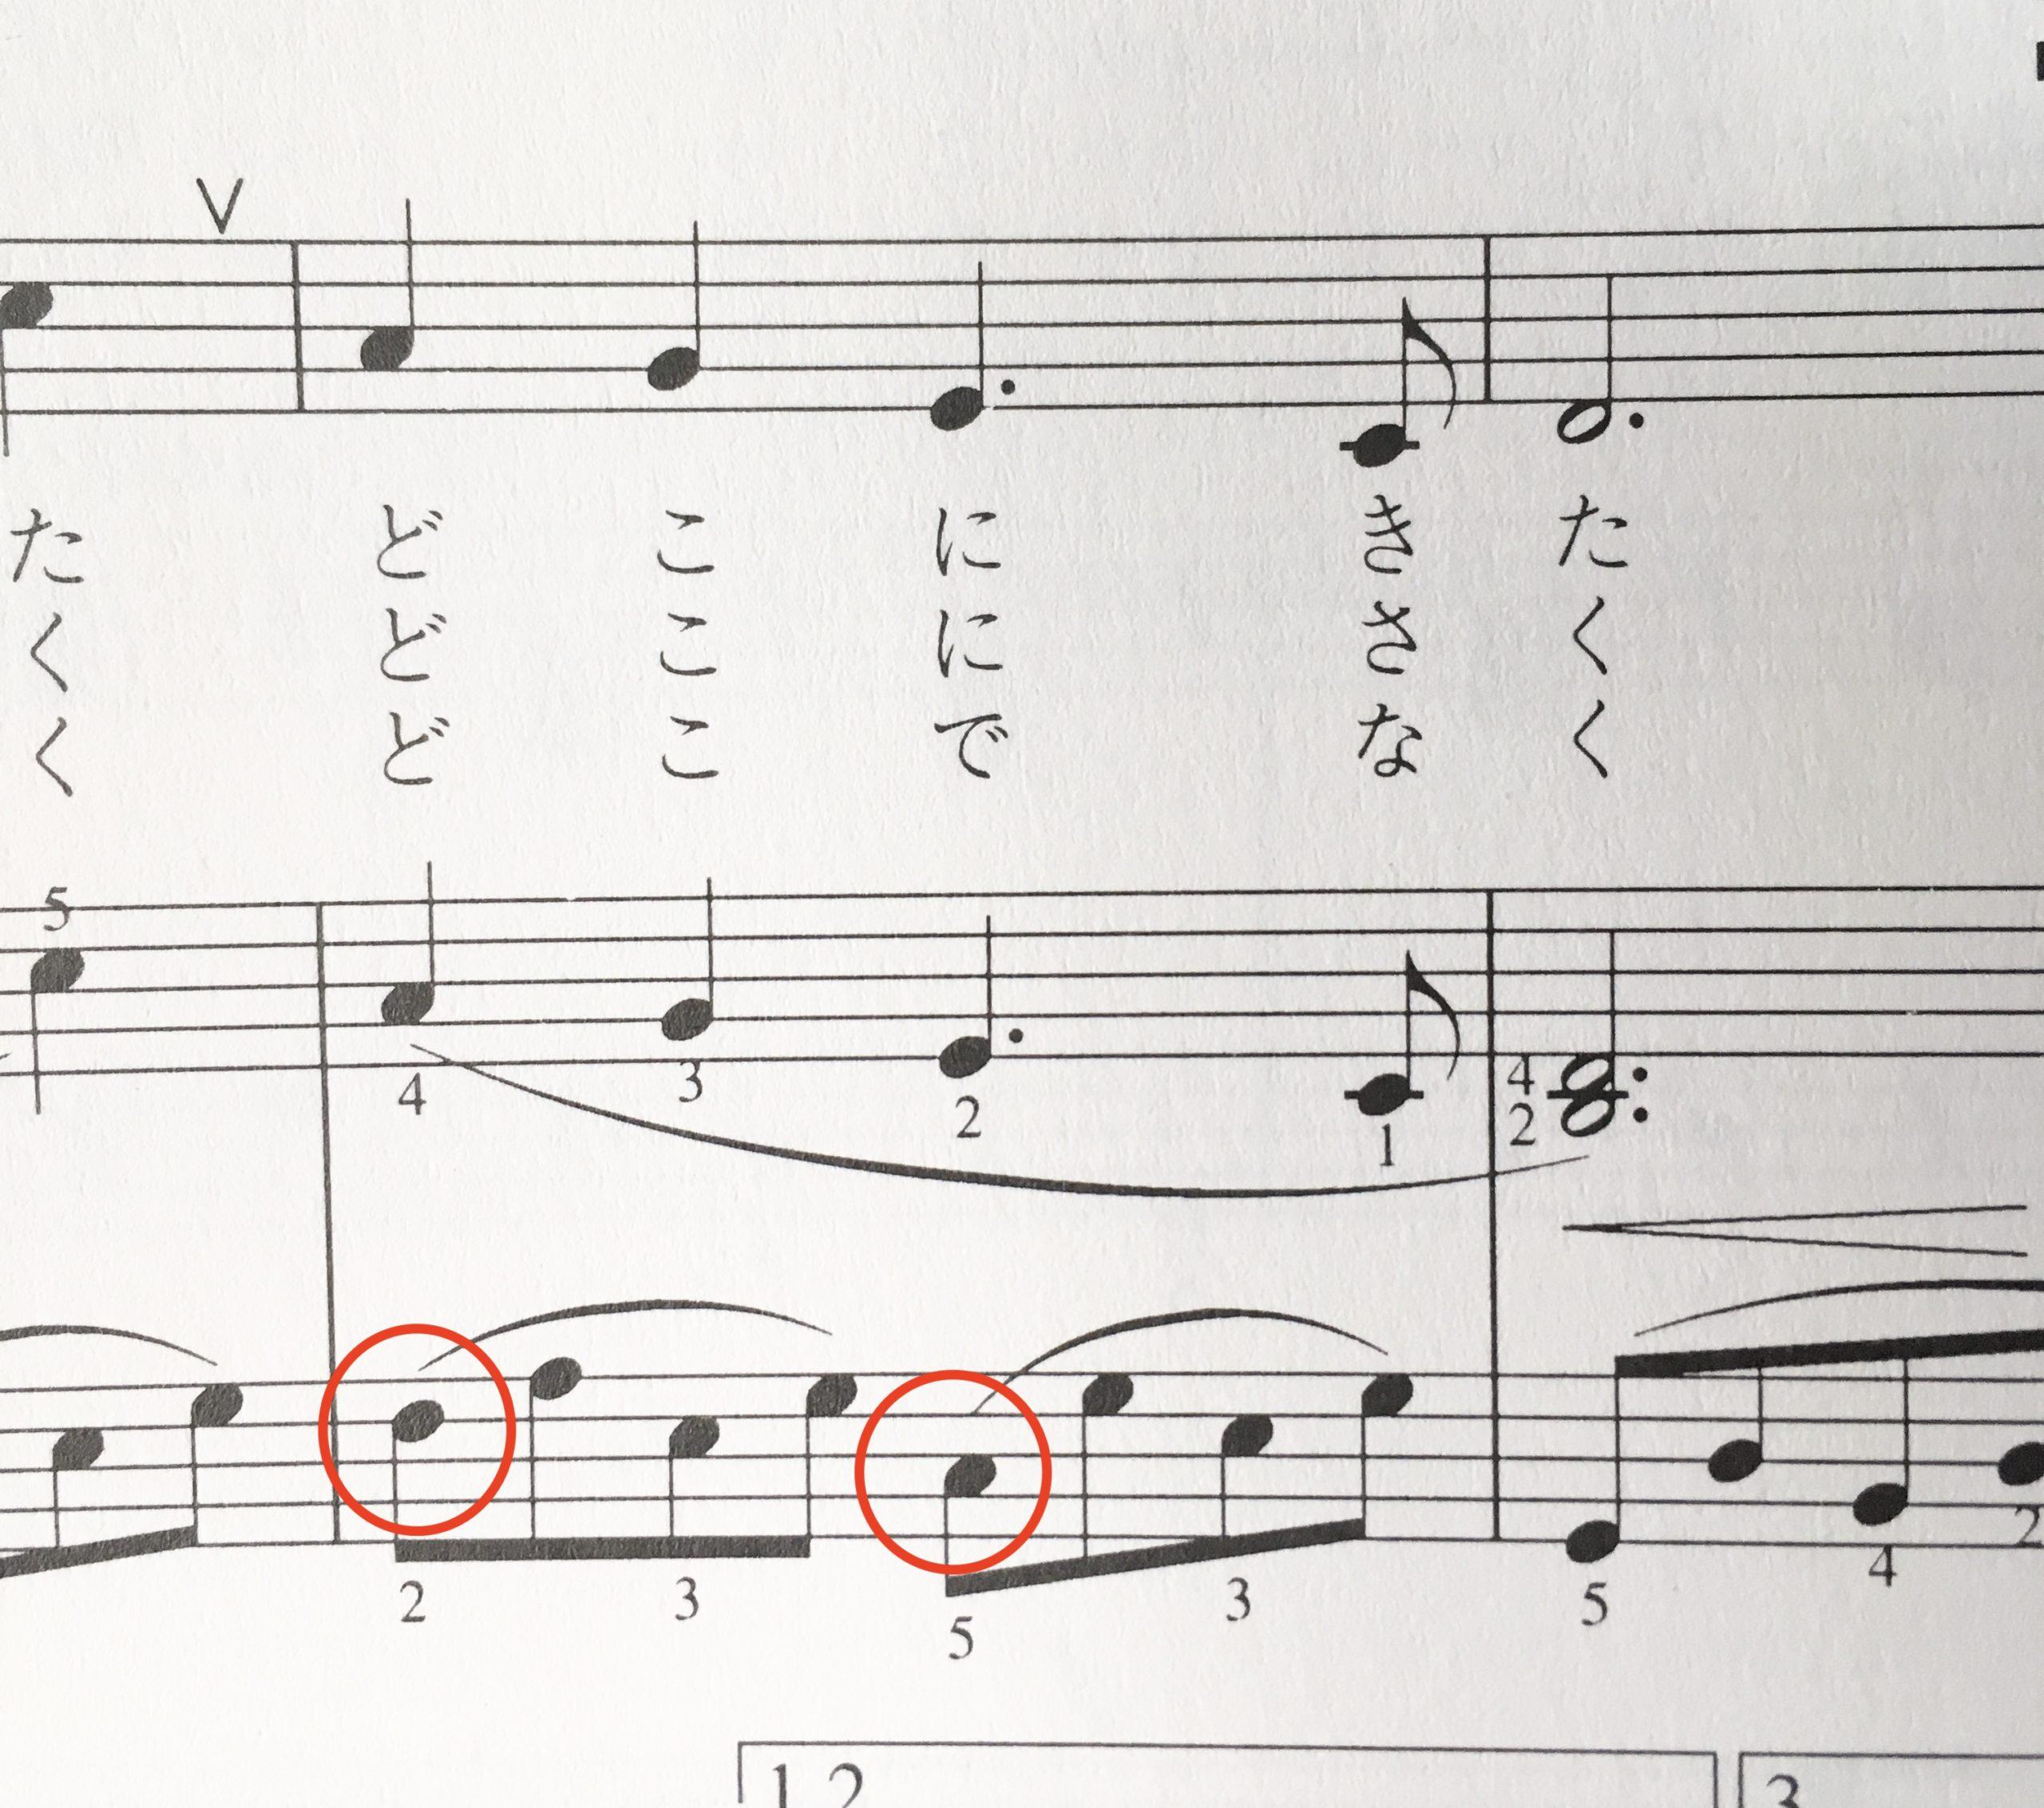 童謡左手の弾き方② 2分音符